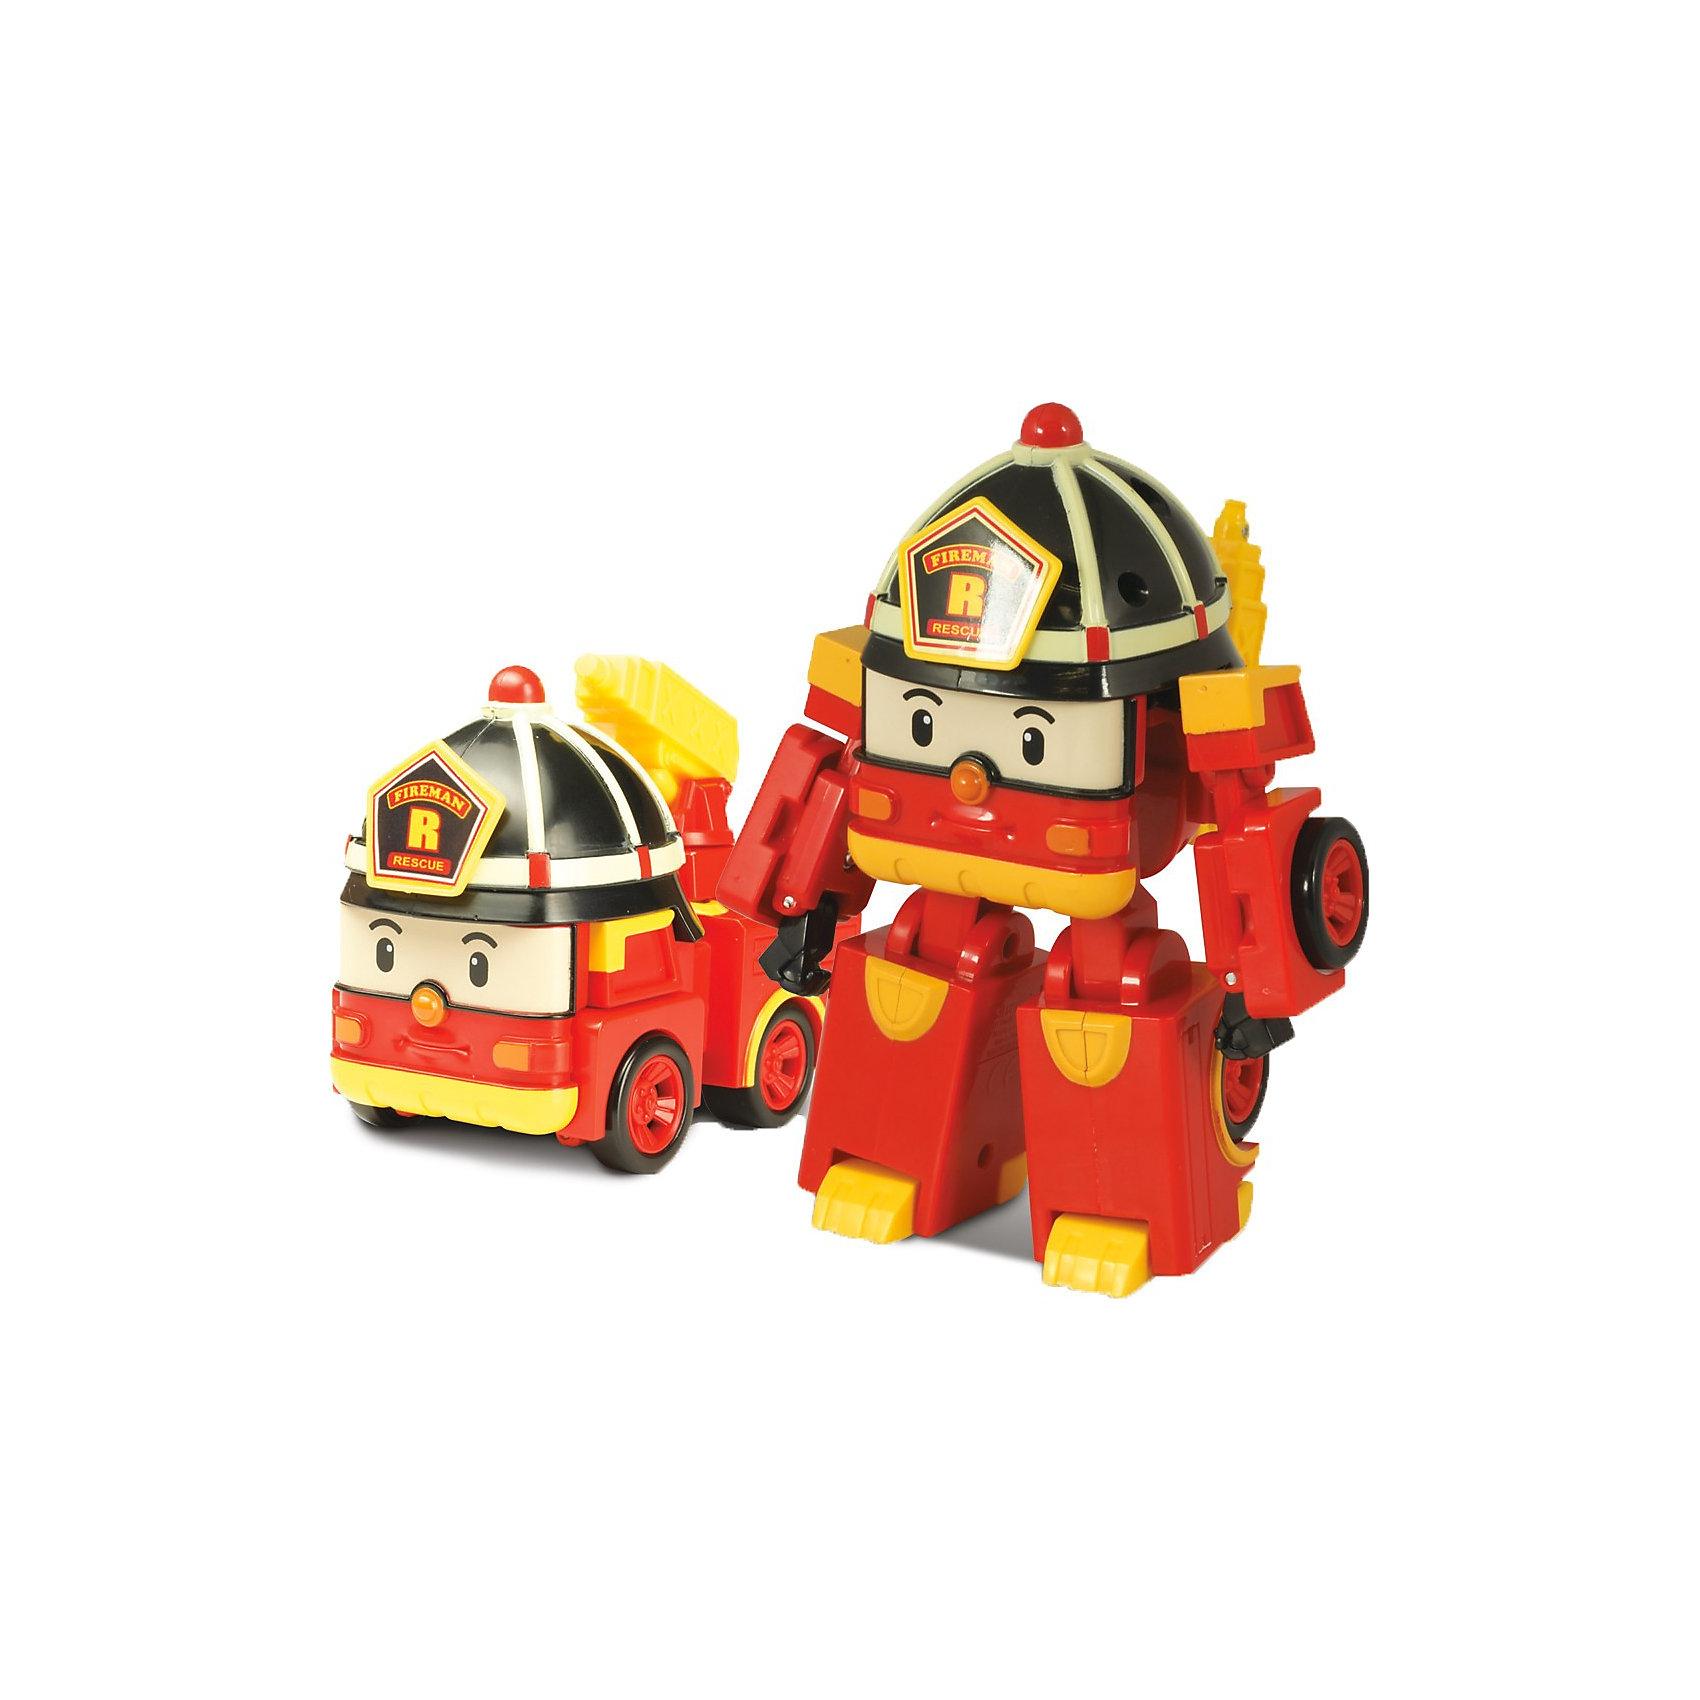 Игрушка Рой трансформер, Робокар ПолиРой трансформер, Робокар Поли - машинка-трансформер, пожарная машина-робот Рой из полюбившегося мультсериала «Robocar Poli».<br>Он живет в удивительном городке Брумстаун, где все машинки умеют говорить! <br>Рой необыкновенно добрый малый  и как только слышит сигнал о пожаре, готов в любую минуту броситься на помощь попавшему в беду жителю города!<br>Сюжетно-ролевые игры с использованием машинок-трансформеров от компании Silverlit способствуют развитию воображения и пространственного мышления, мелкой моторики рук вашего ребенка, формируют грамотную речь.<br><br>Дополнительная информация:<br><br>- Пожарная машина путем ручного трансформирования легко превращается в человечка.<br>- Материал: пластик.<br>- Размер коробки (длн-шрн-вст): 13 х 13 х 17.1 см.<br>- Размер игрушки: 10 см.<br>- пожарный кран у машины подвижный.<br>- Игрушка выполнена из высококачественного пластика.<br>- Вес: 0.275 кг<br><br>Игрушку  Рой трансформер, Робокар Поли (Robocar Poli) можно купить в нашем магазине.<br><br>Ширина мм: 173<br>Глубина мм: 131<br>Высота мм: 132<br>Вес г: 233<br>Возраст от месяцев: 36<br>Возраст до месяцев: 66<br>Пол: Мужской<br>Возраст: Детский<br>SKU: 3439333